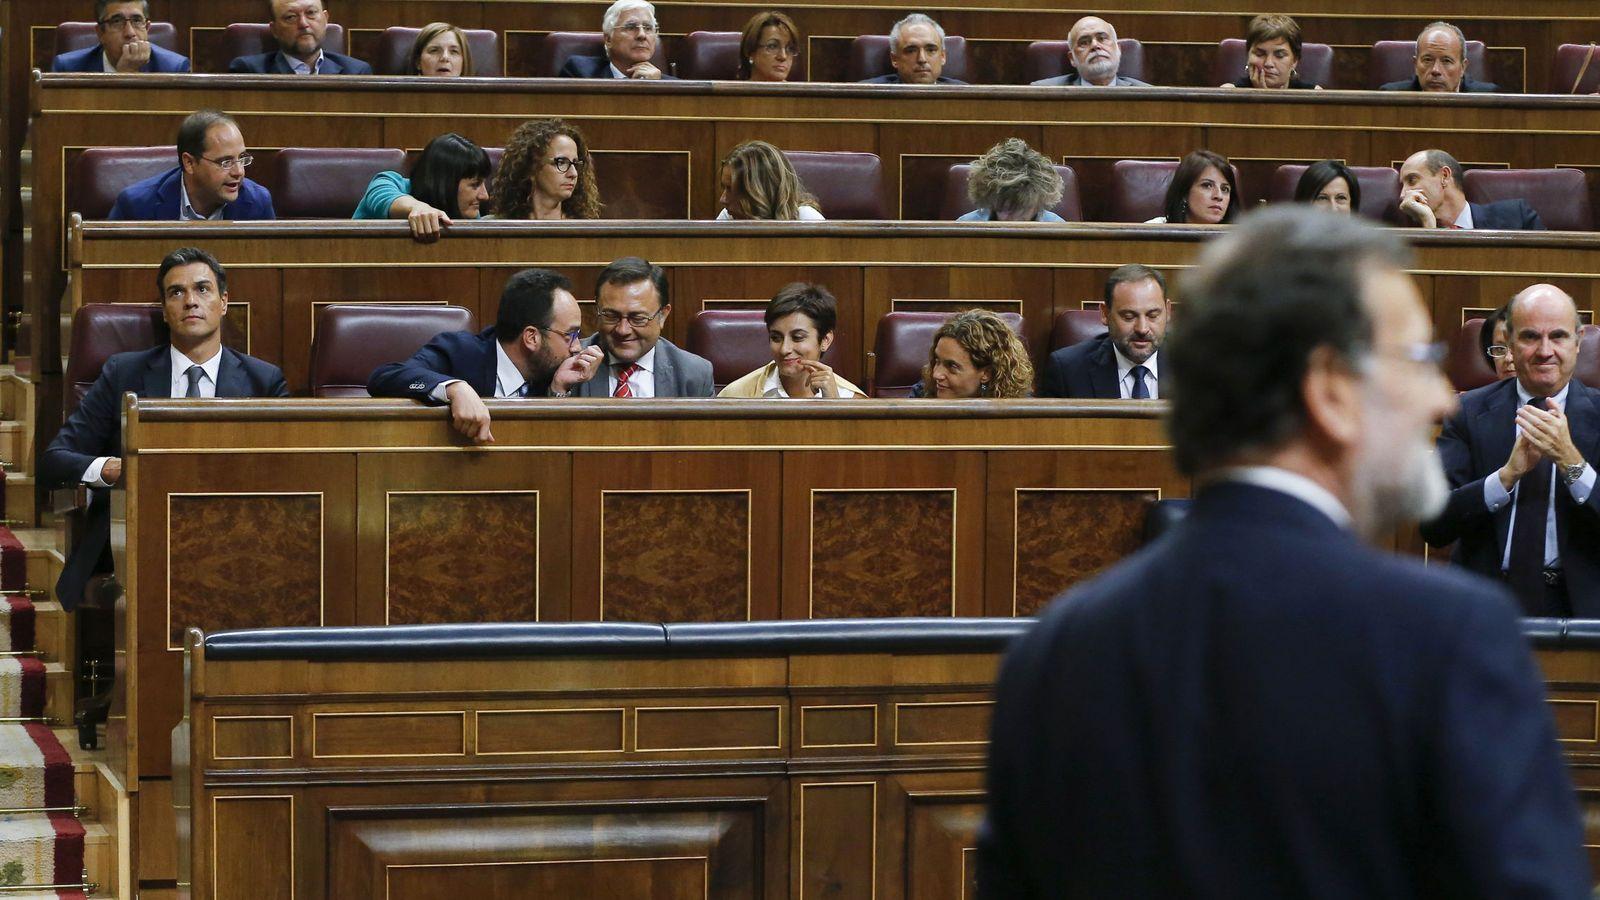 Foto: La bancada socialista al término de la votación de la investidura fallida del candidato a la presidencia del PP, Mariano Rajoy. (EFE)